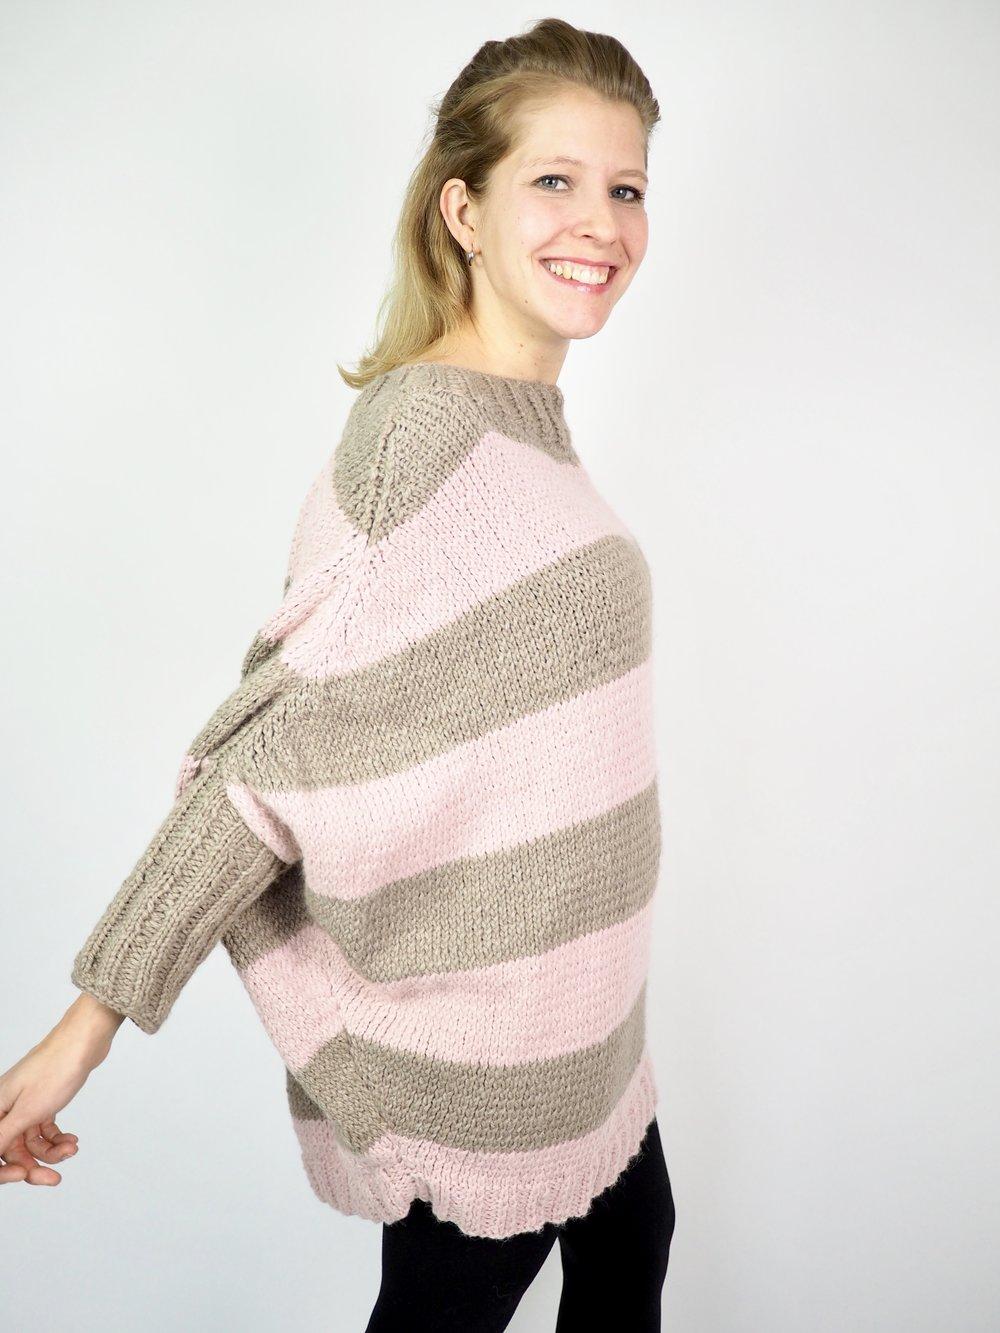 Urban Poncho stricken, ein Mix aus Poncho und Pullover für Anfänger geeignet